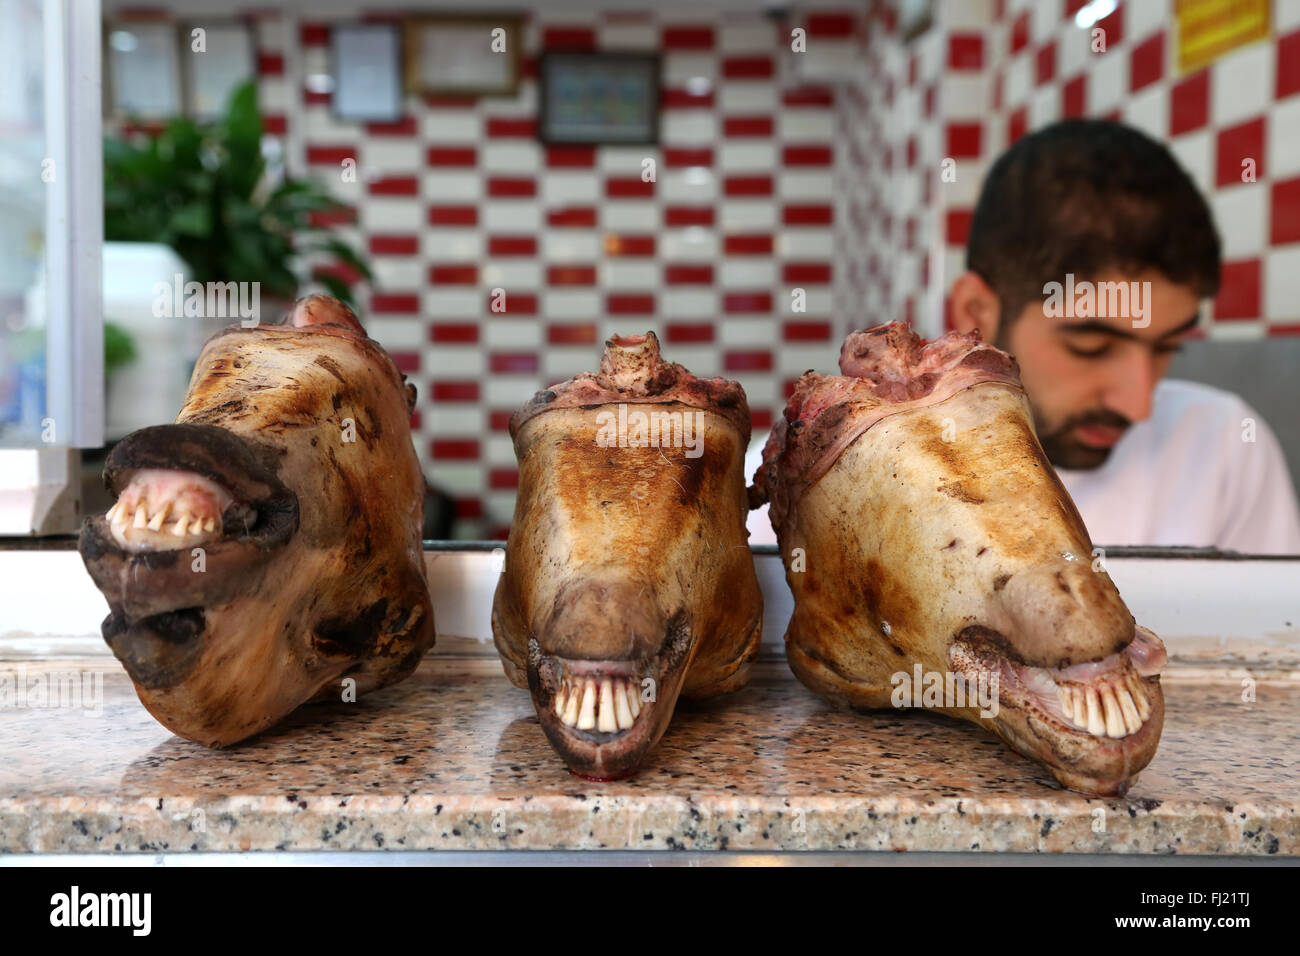 Cabeza de carnero para su venta en las carnicerías en Estambul, Turquía Foto de stock